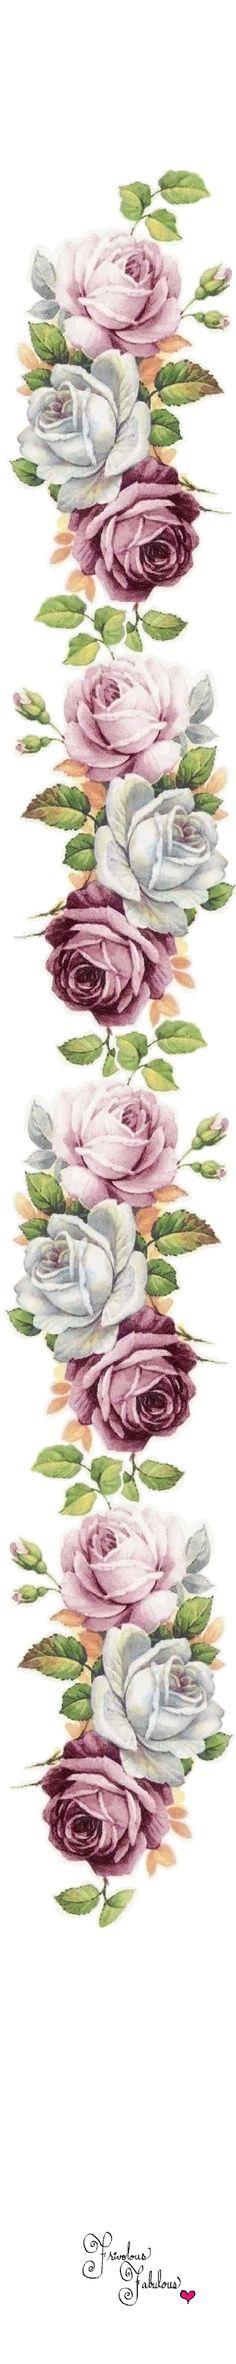 roses for lilac cottage Vintage Diy, Vintage Cards, Vintage Paper, Vintage Flowers, Vintage Pictures, Vintage Images, Etiquette Vintage, Foto Transfer, Victorian Flowers